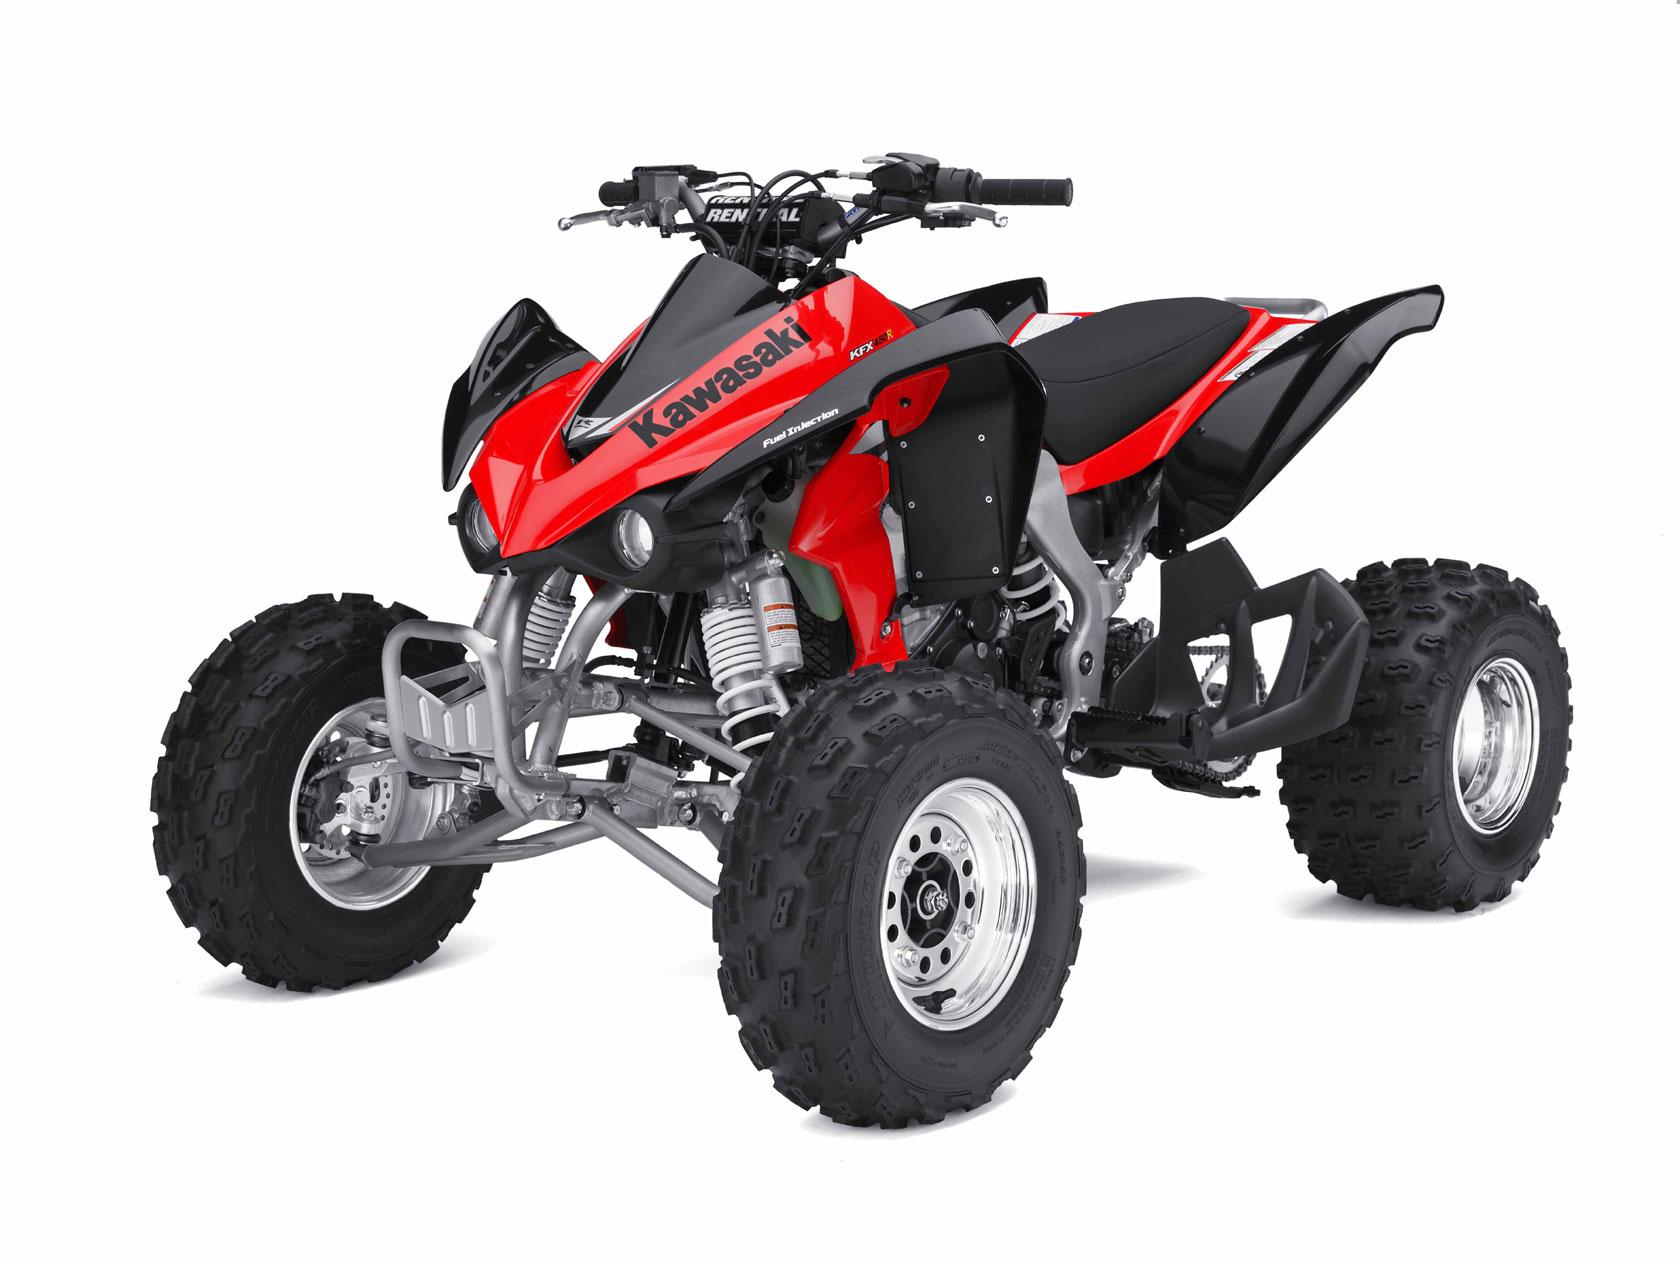 Kawasaki Kfx Parts